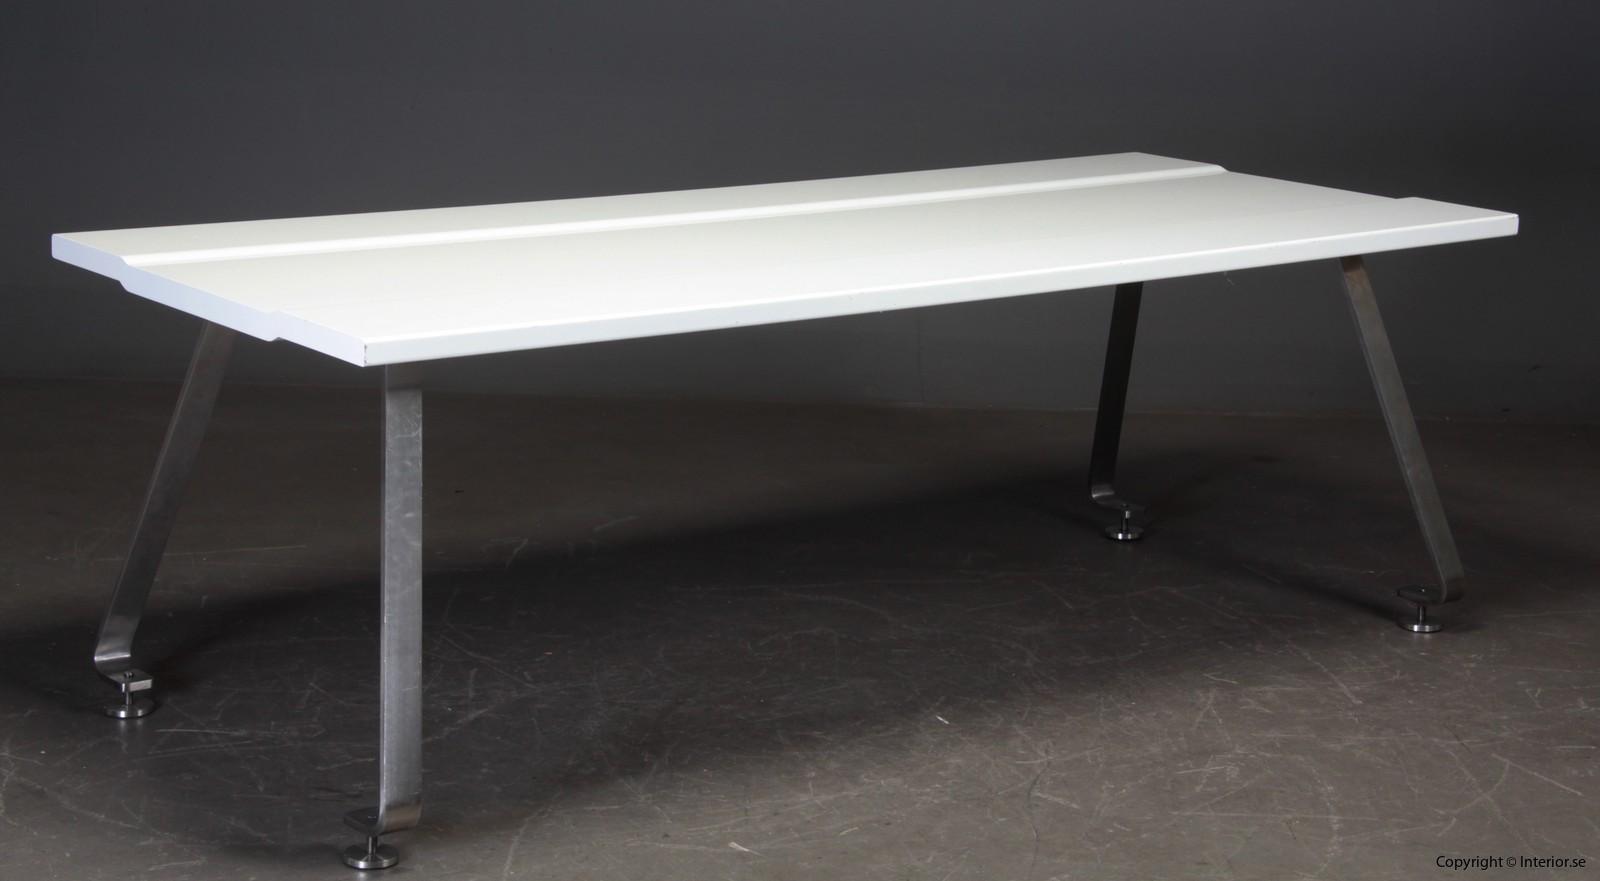 Unikt konferensbord konferenztisch table, Design by Johannes Torpe - 240 x 100 cm